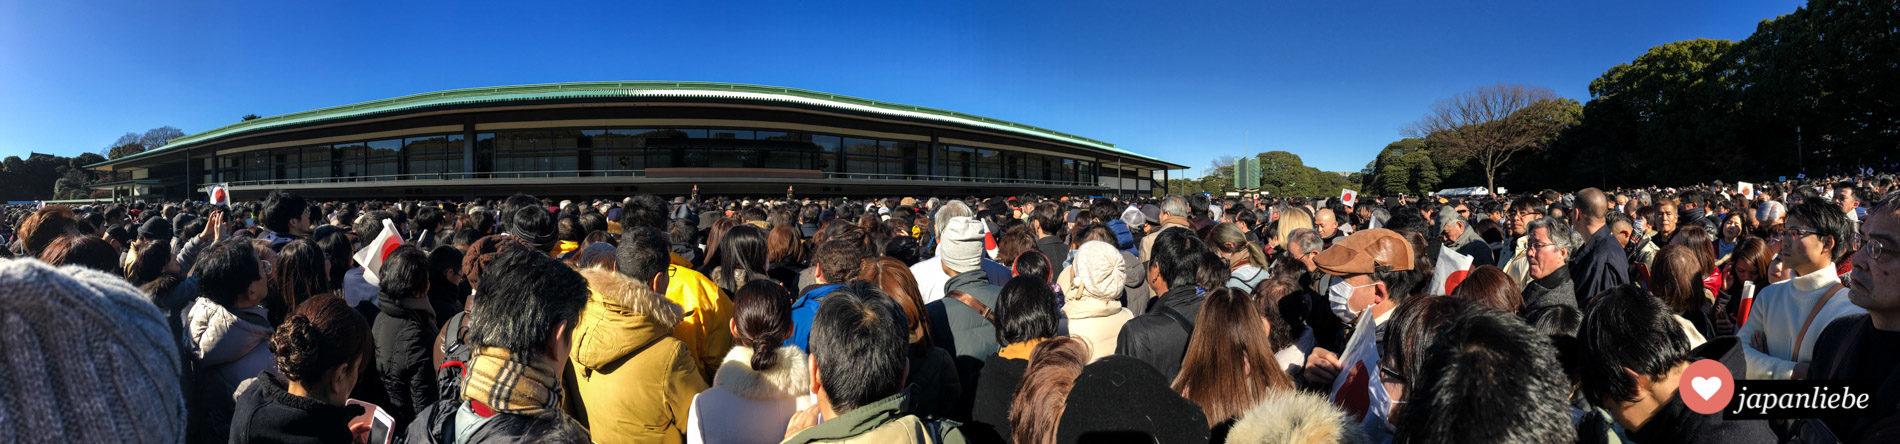 Die Menge wartet – mit Japanflaggen ausgestattet – auf die Neujahrsansprache des japanischen Kaisers.